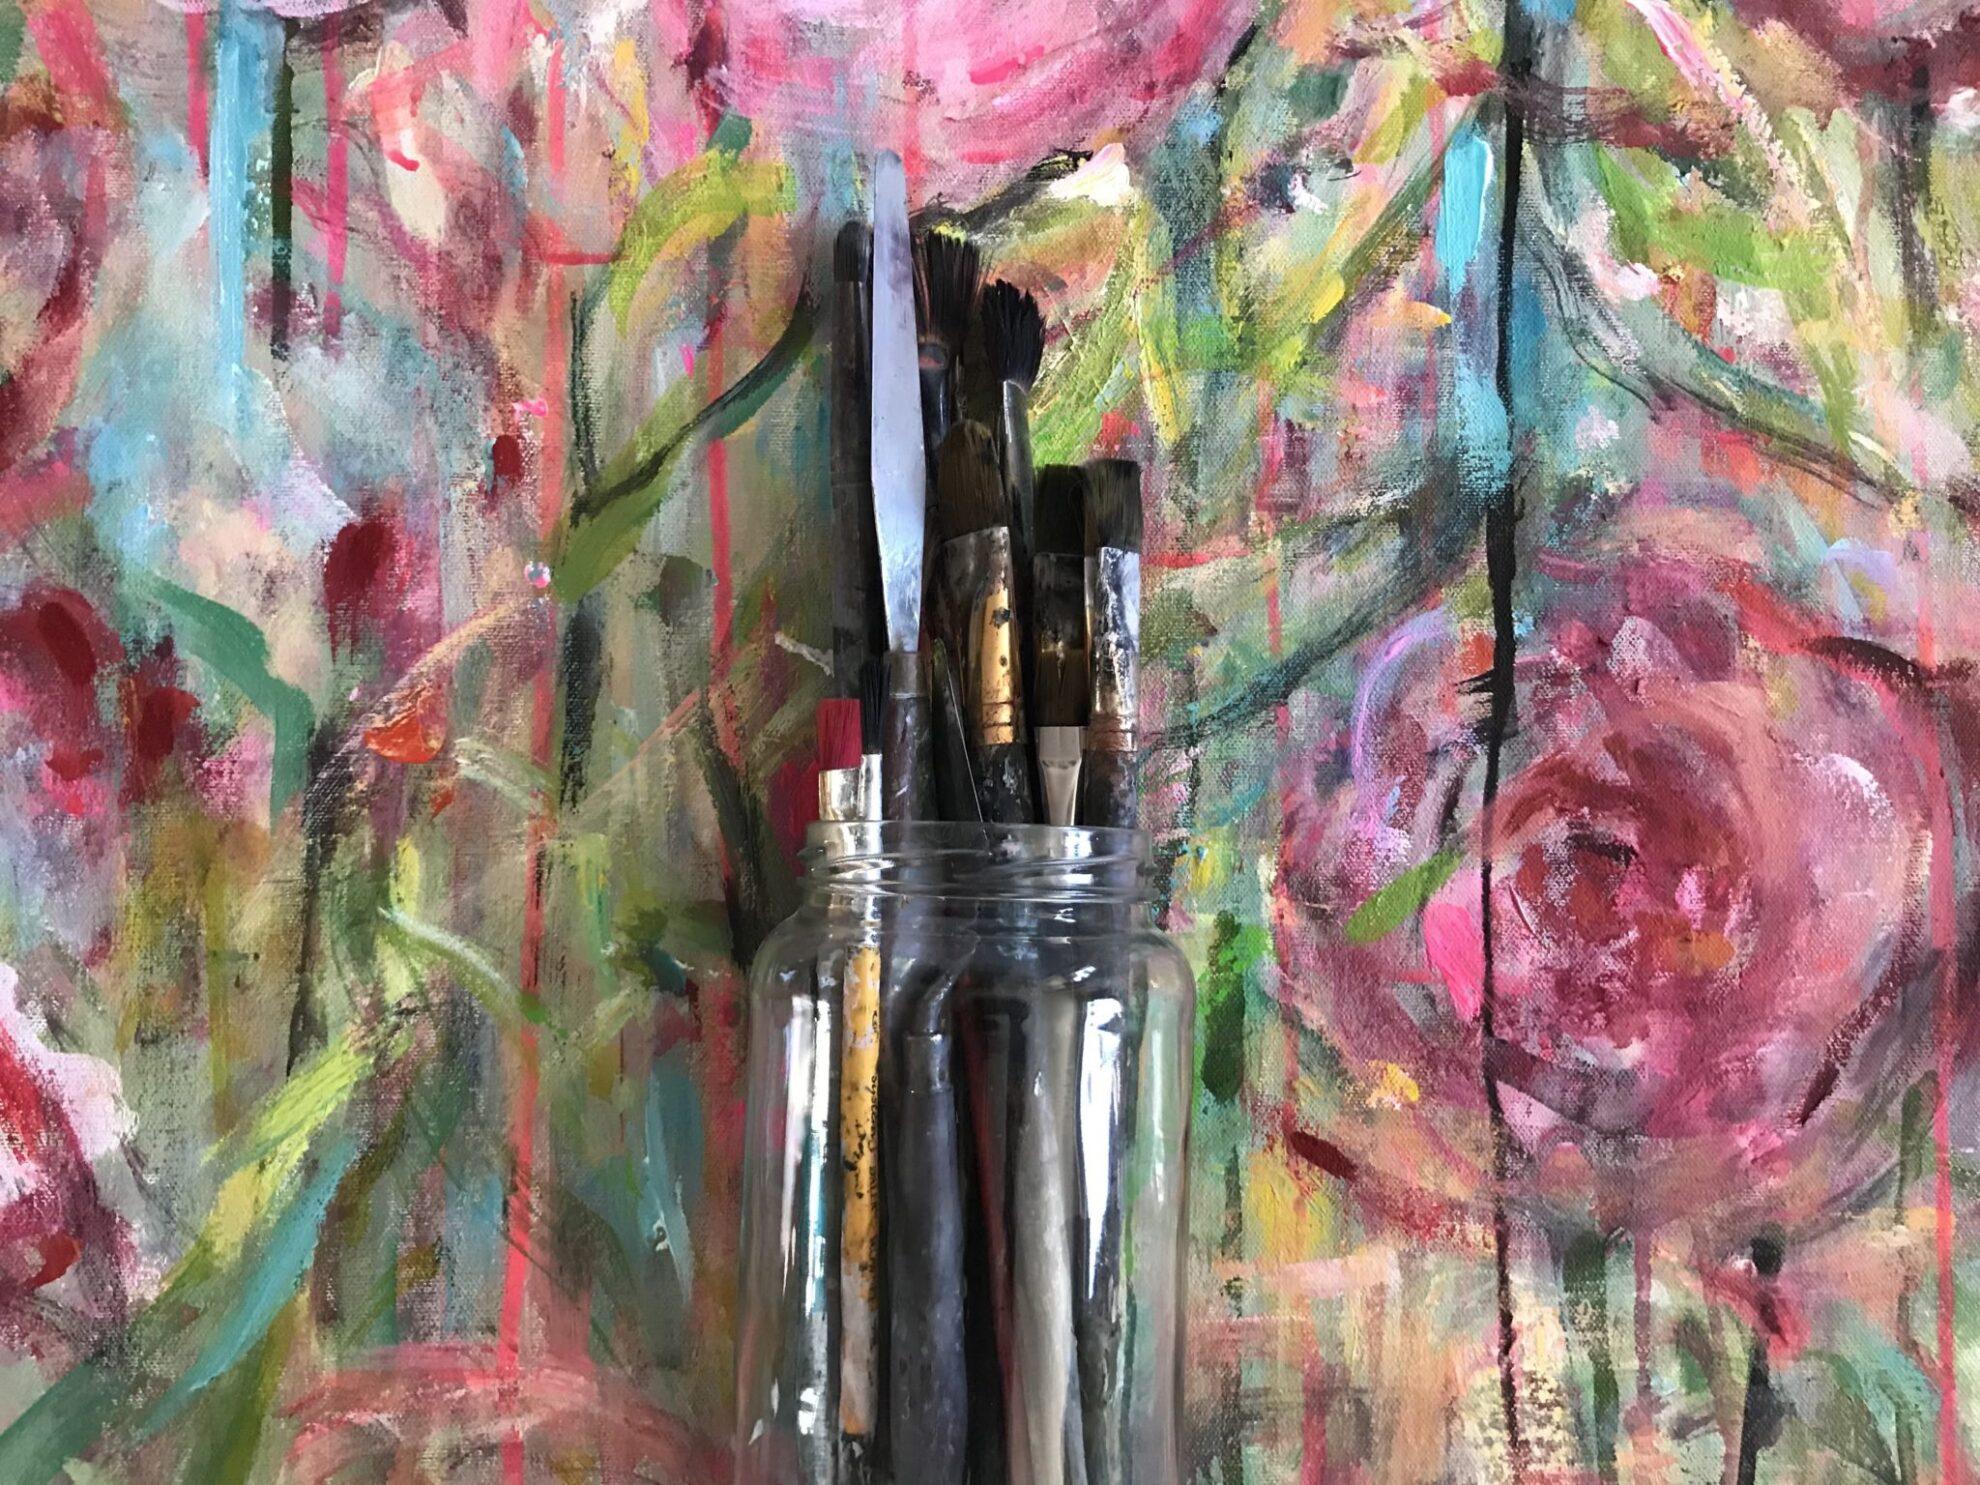 Webbkurs – Lär dig konsten att måla med akrylfärger – utan studiegrupp